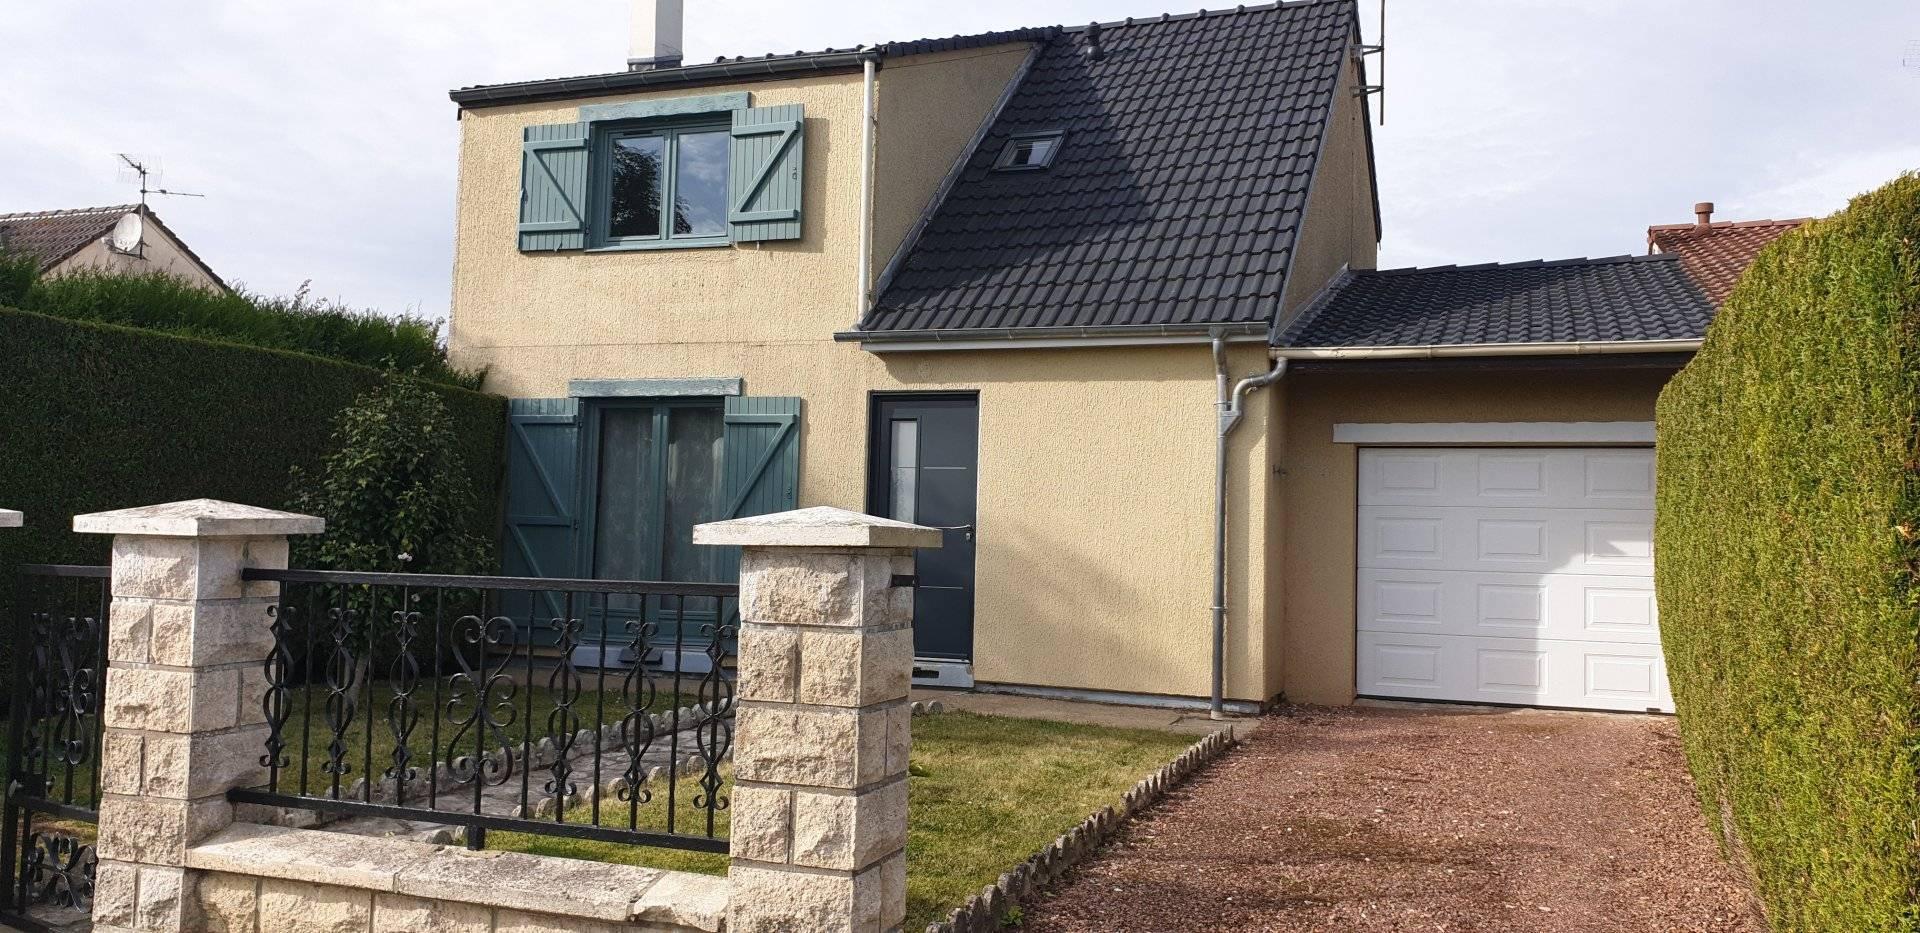 1 88 Poix-de-Picardie